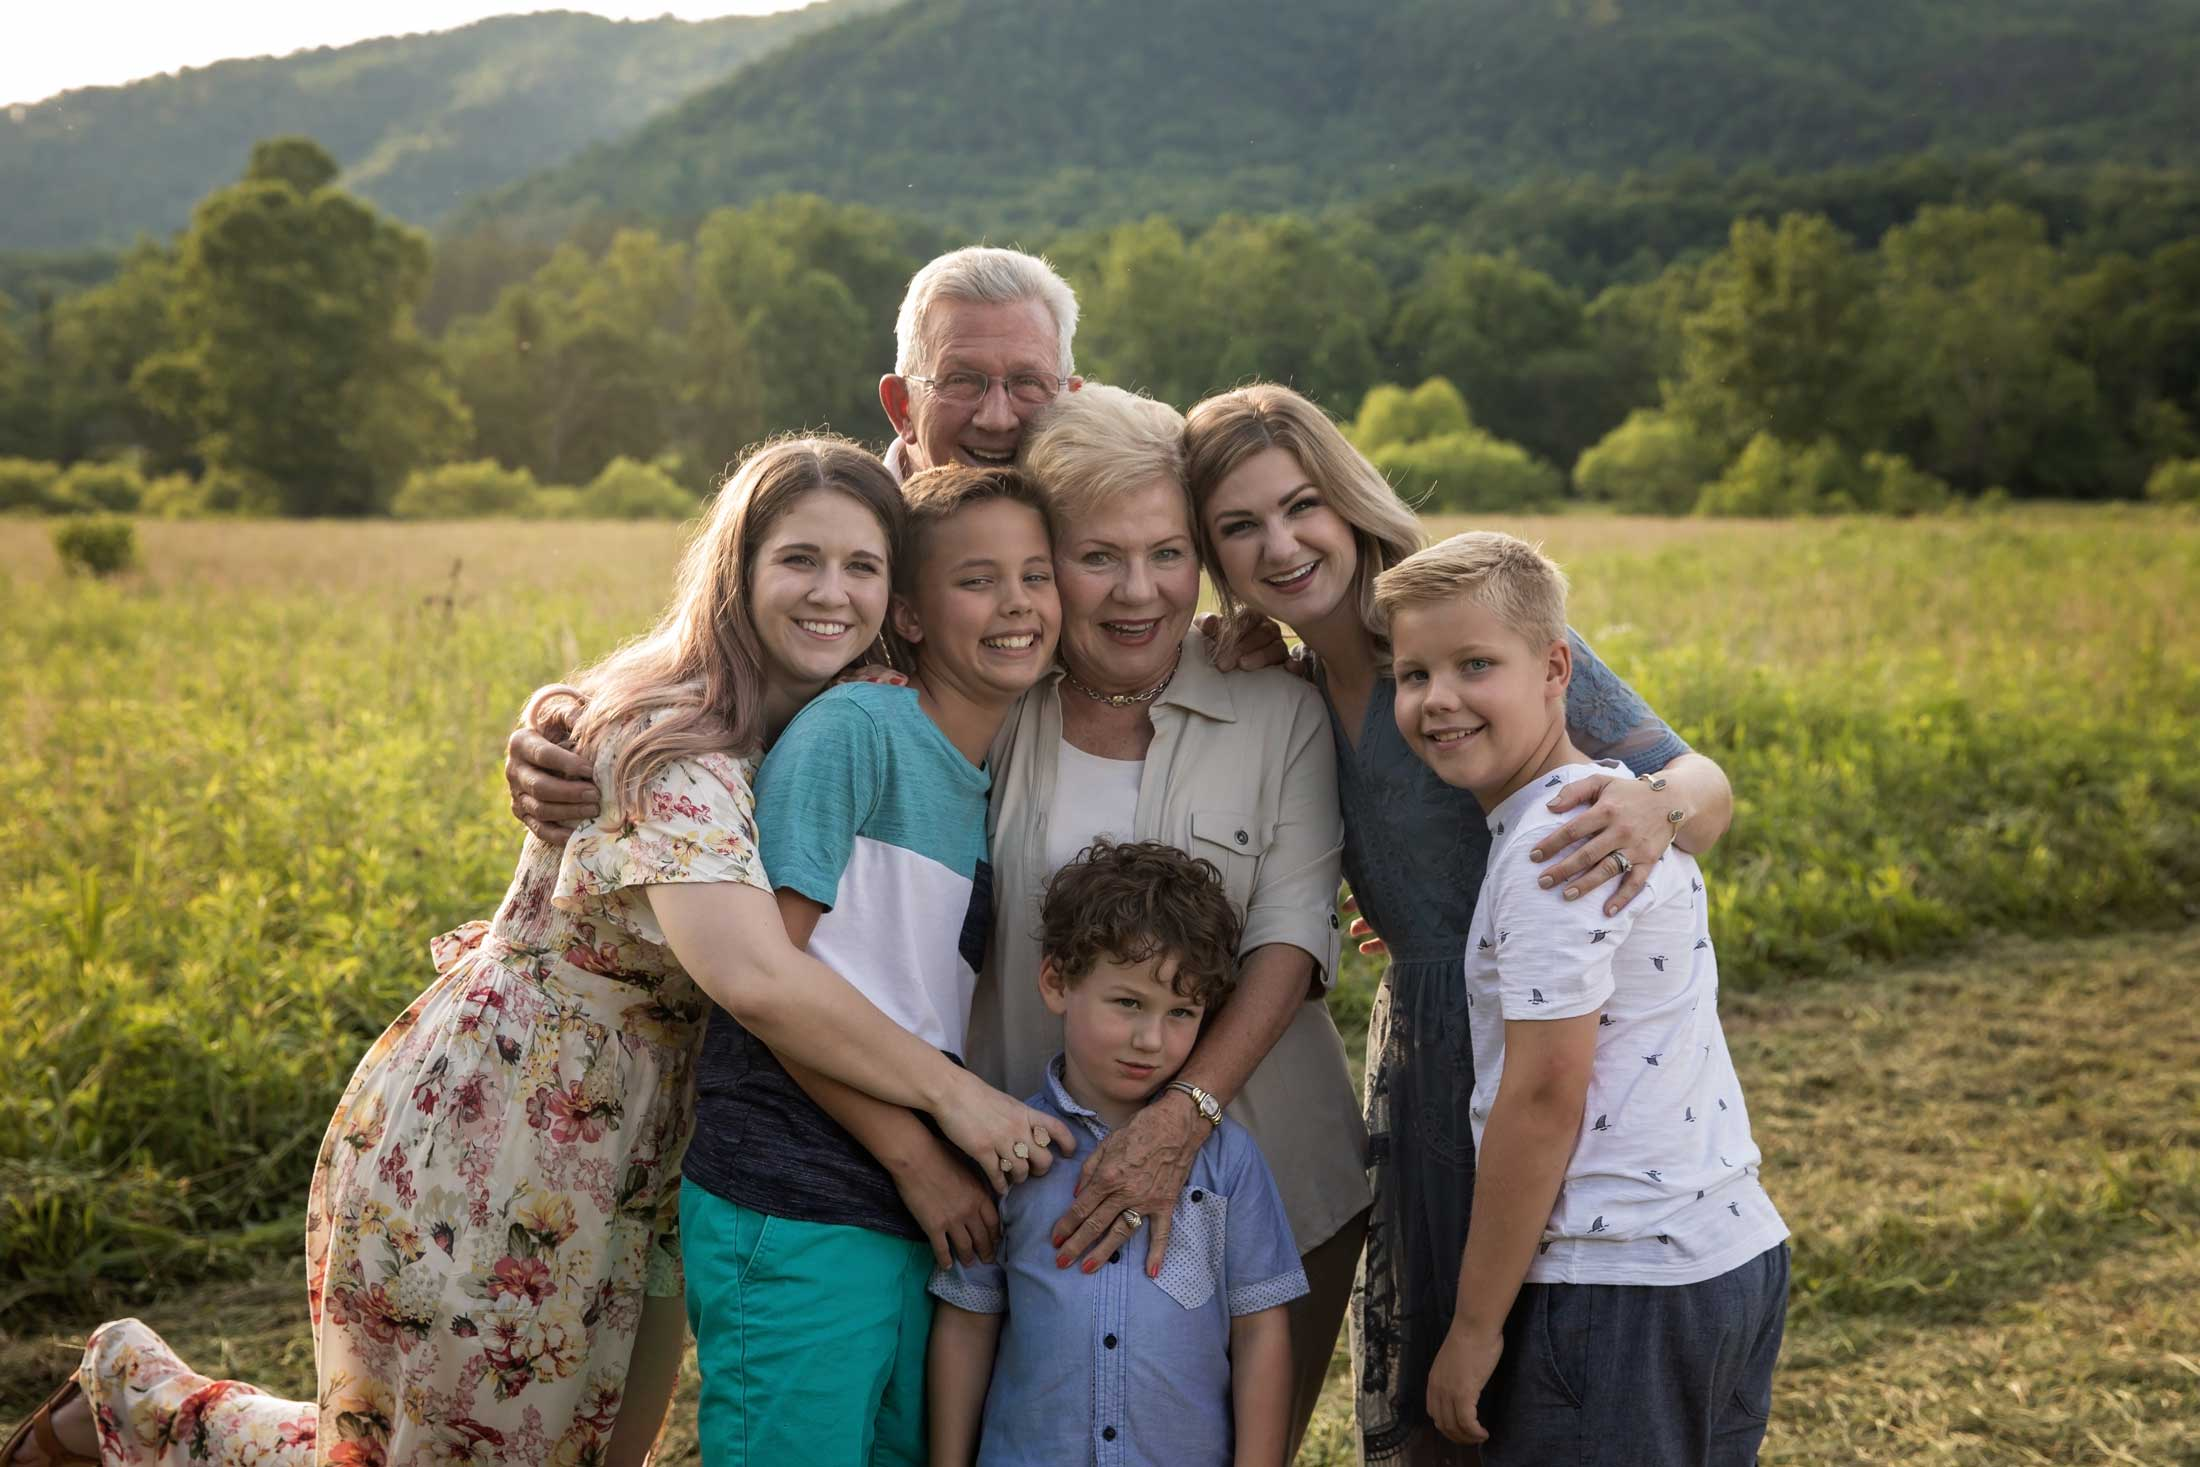 gatlinurg-family-photographer-grandparent-.jpg